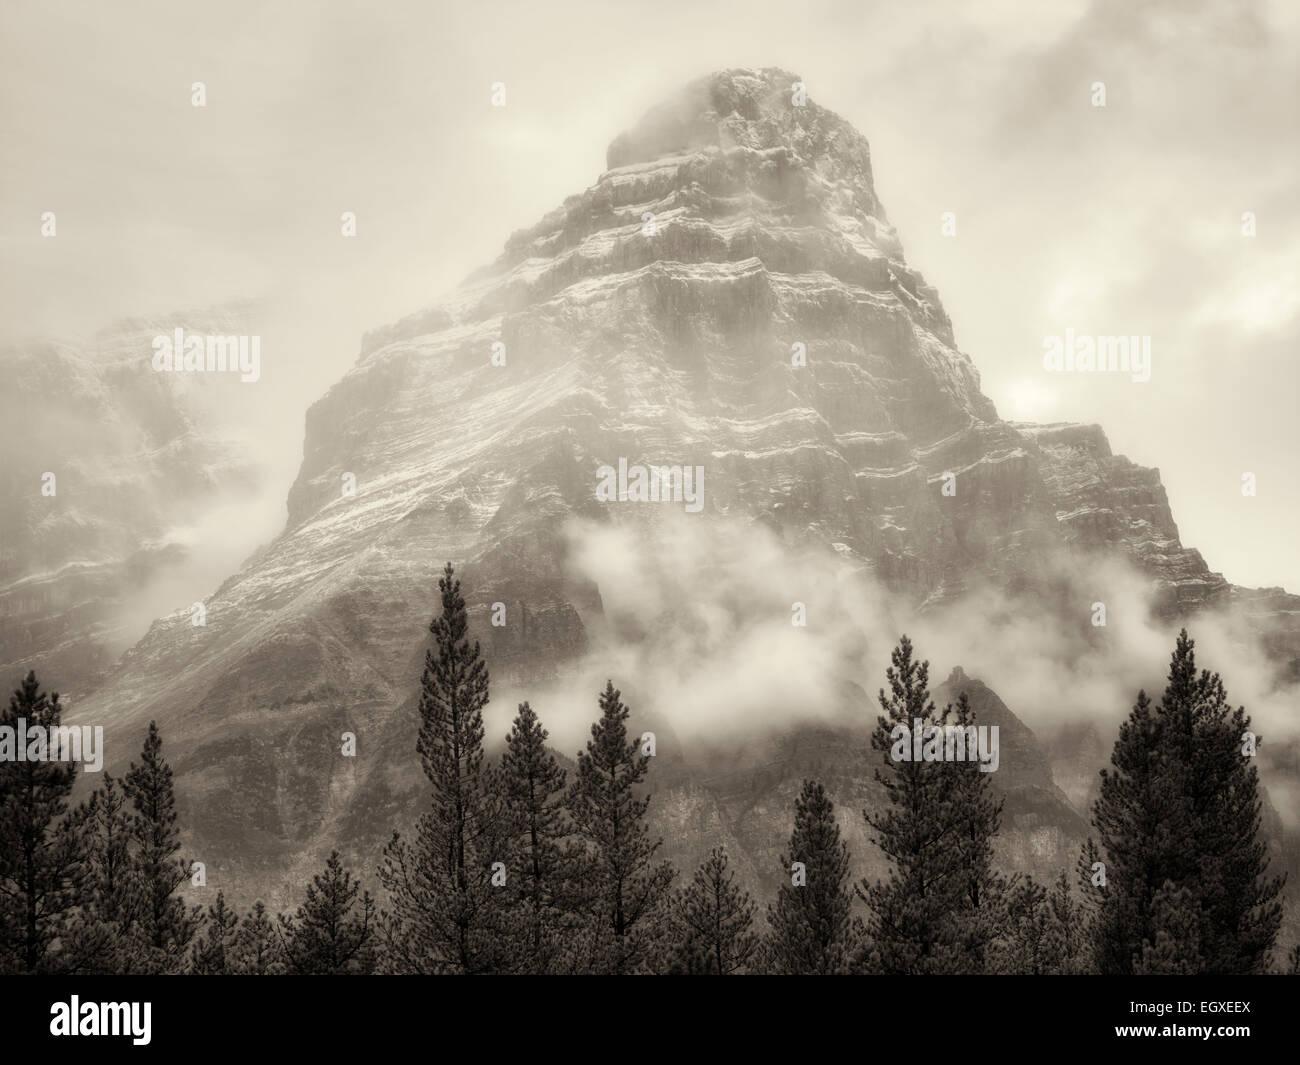 Mt. Khéphren dans le brouillard et la pluie/neige. Le parc national Banff, Alberta, Canada Photo Stock